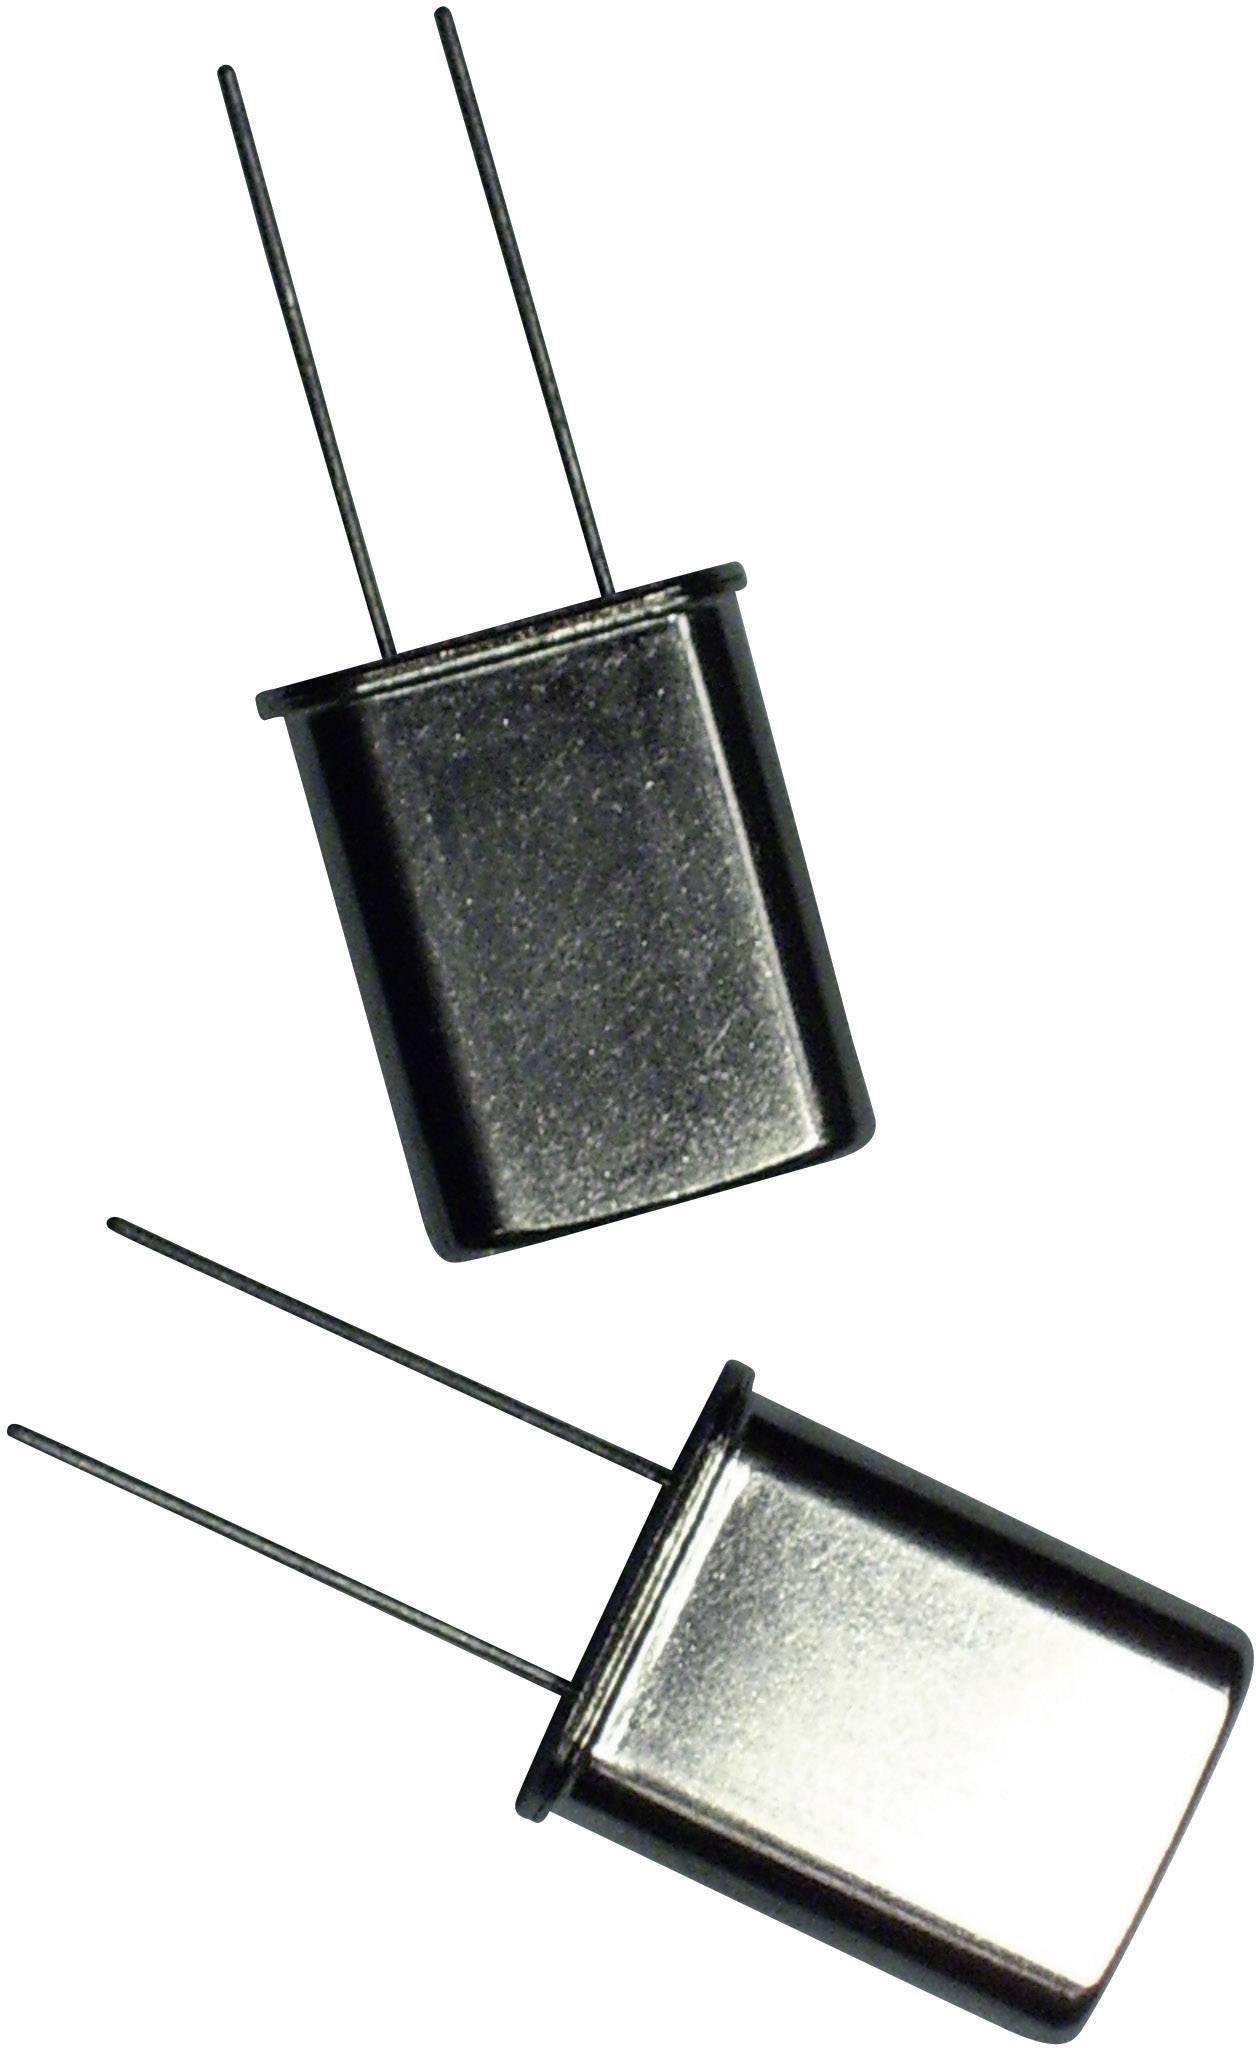 Krystal EuroQuartz, 14,7456 MHz, HC49, 30/50/40/18PF/ATF